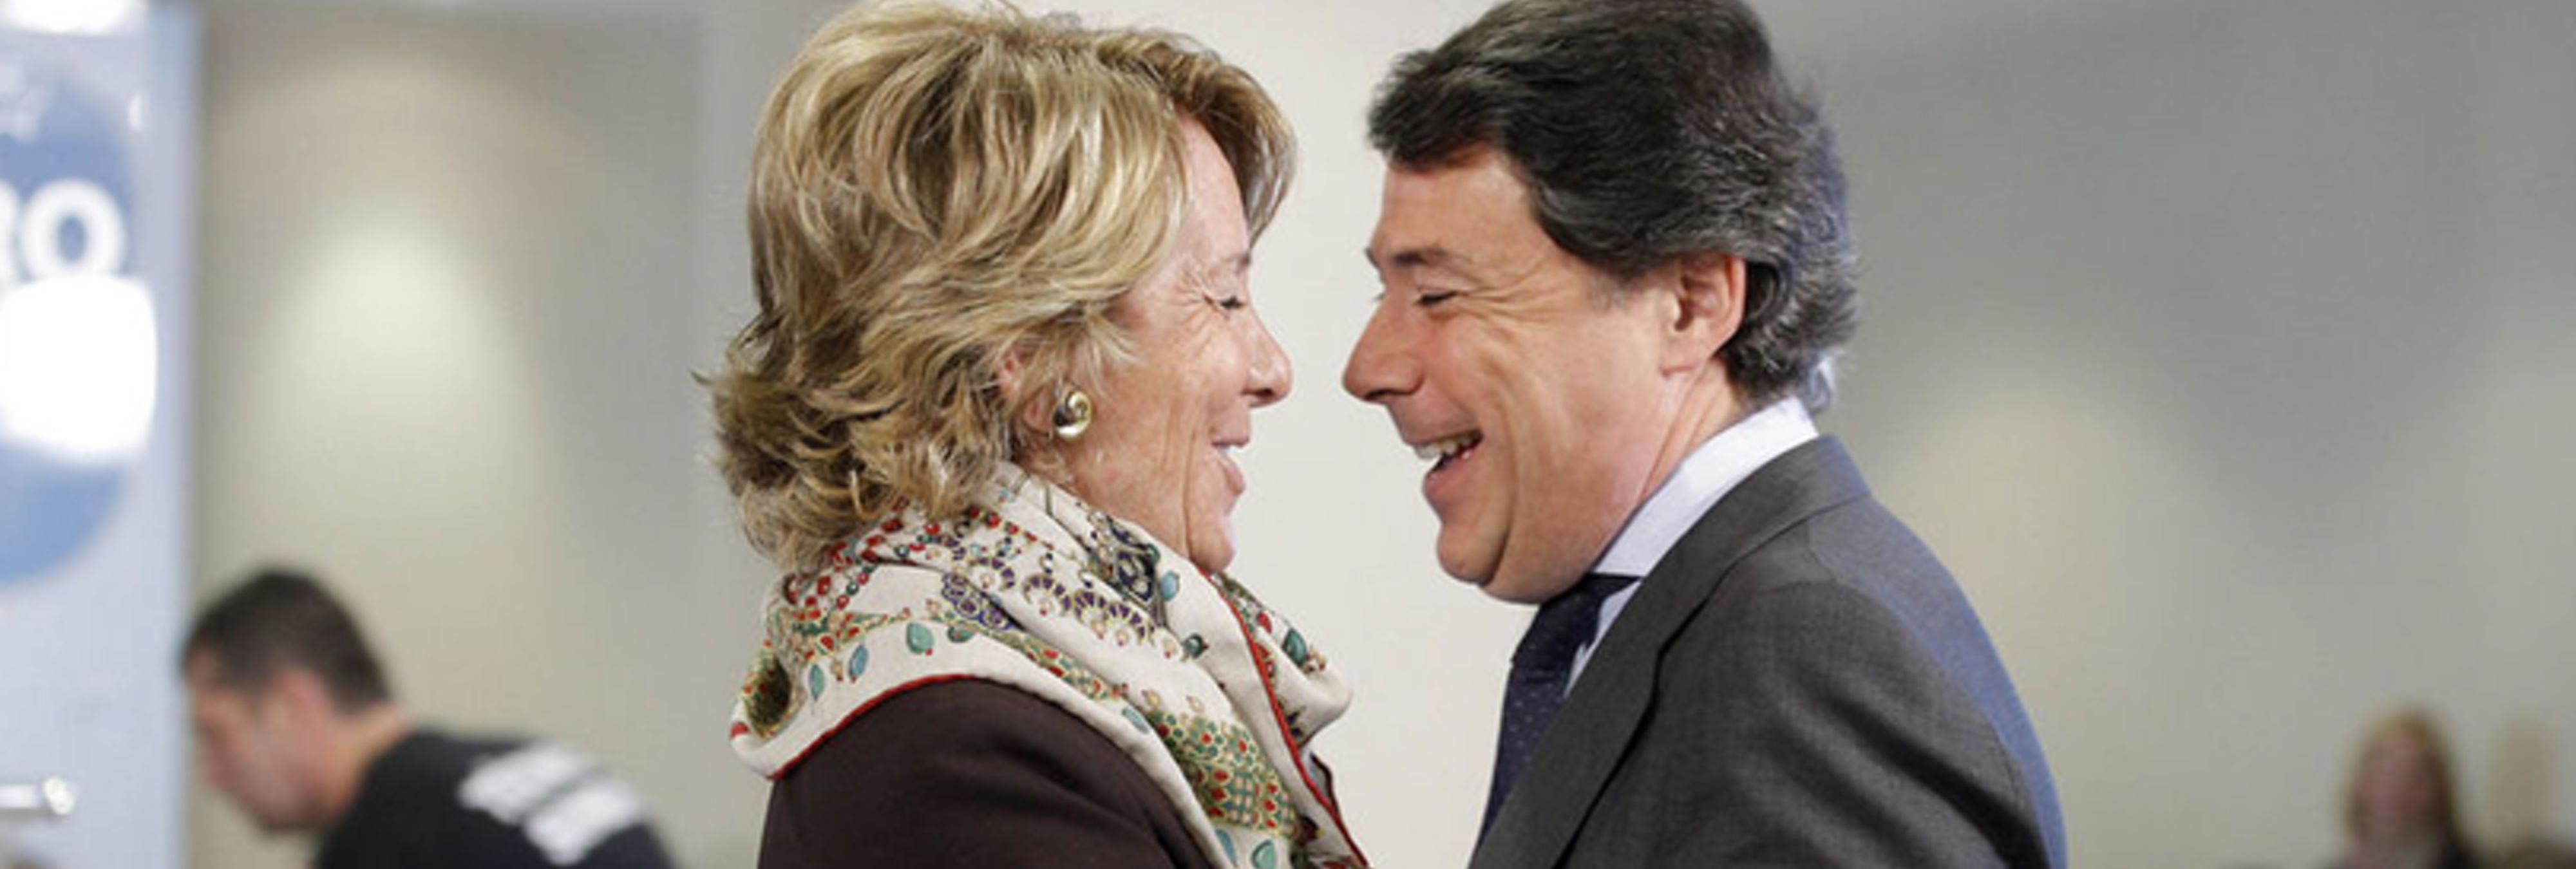 Ignacio González vuelve a suplicar su salida de prisión